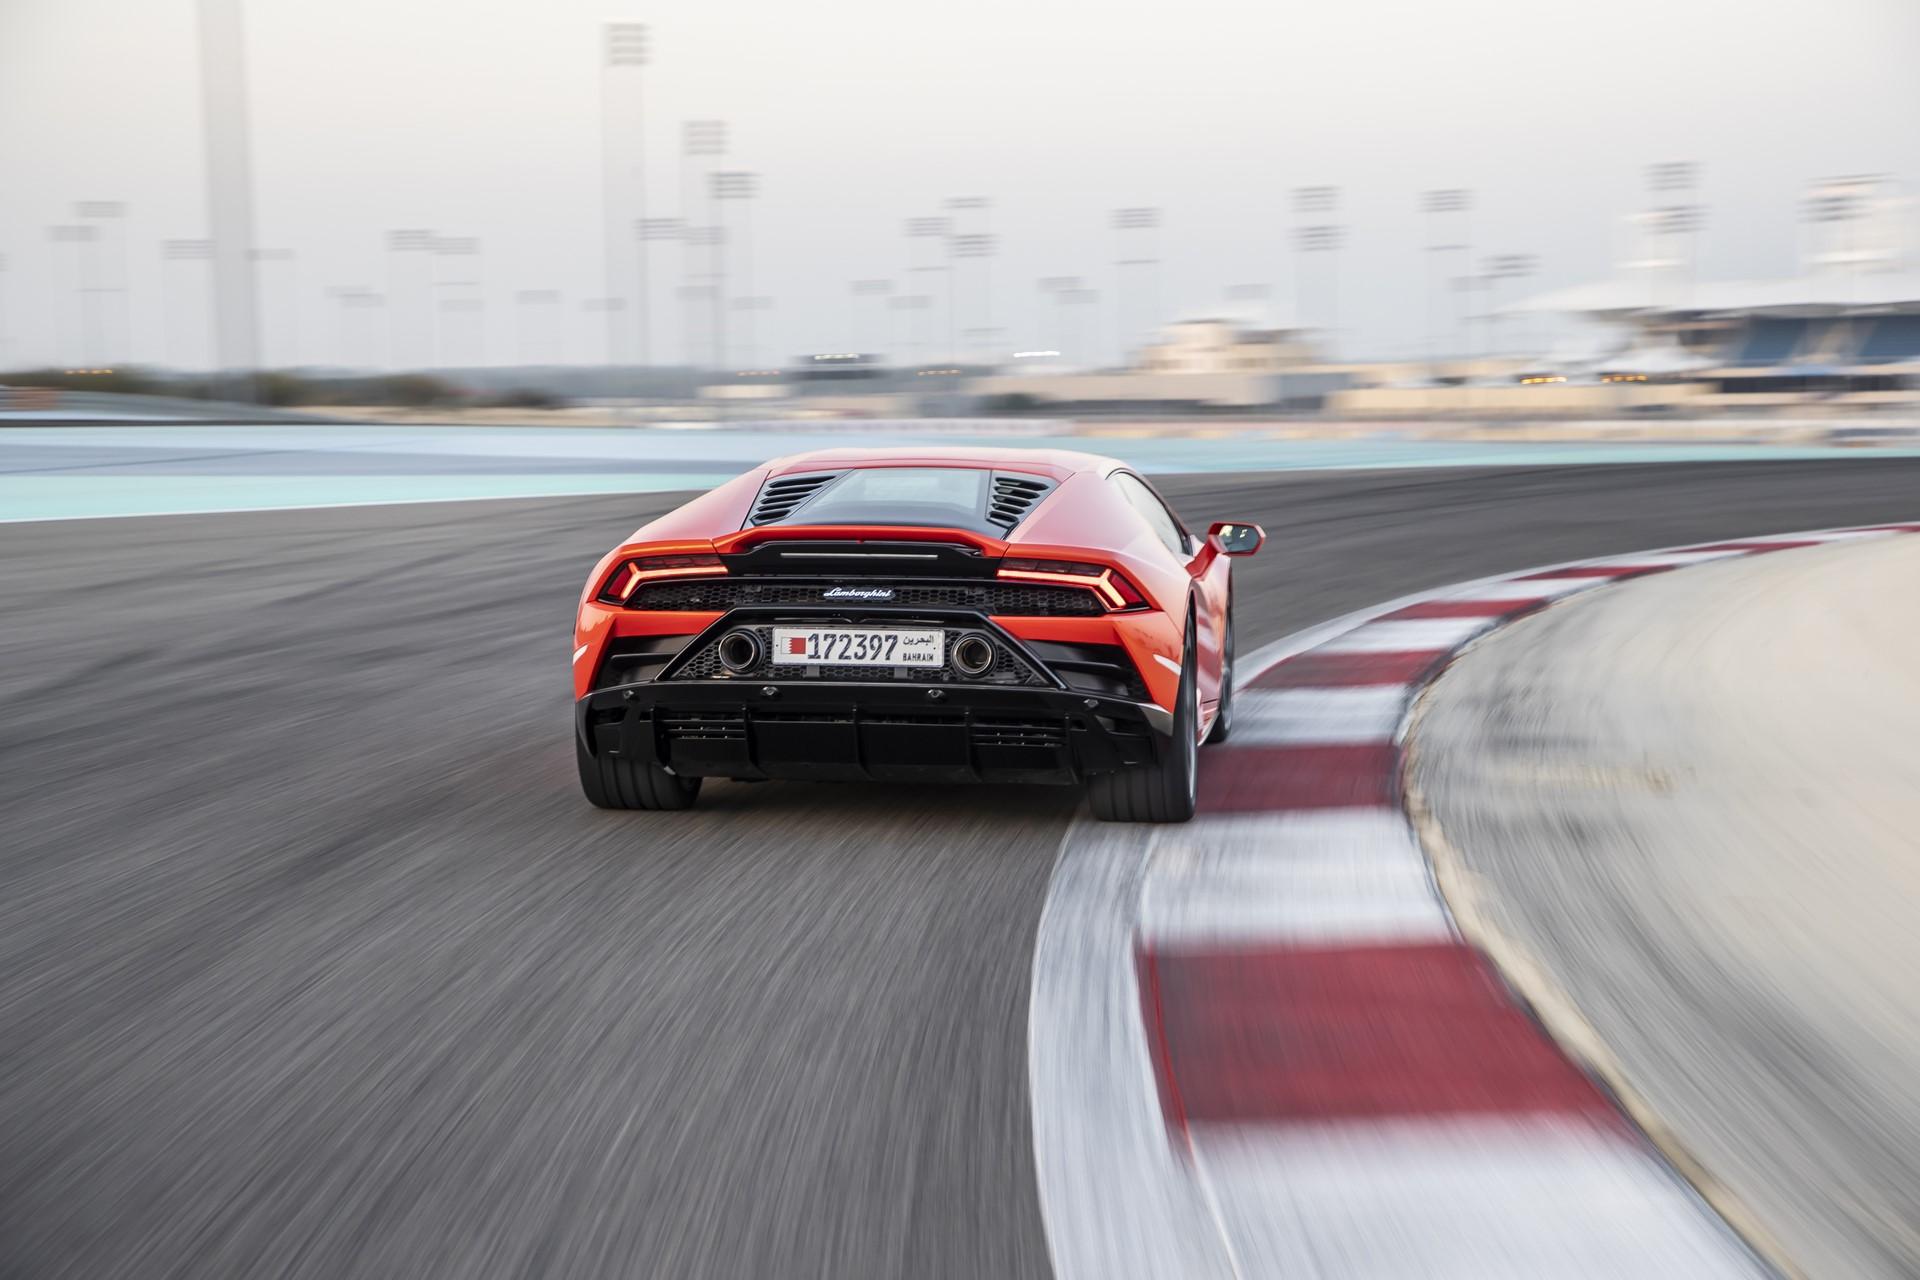 Lamborghini Huracan Evo 2019 (53)